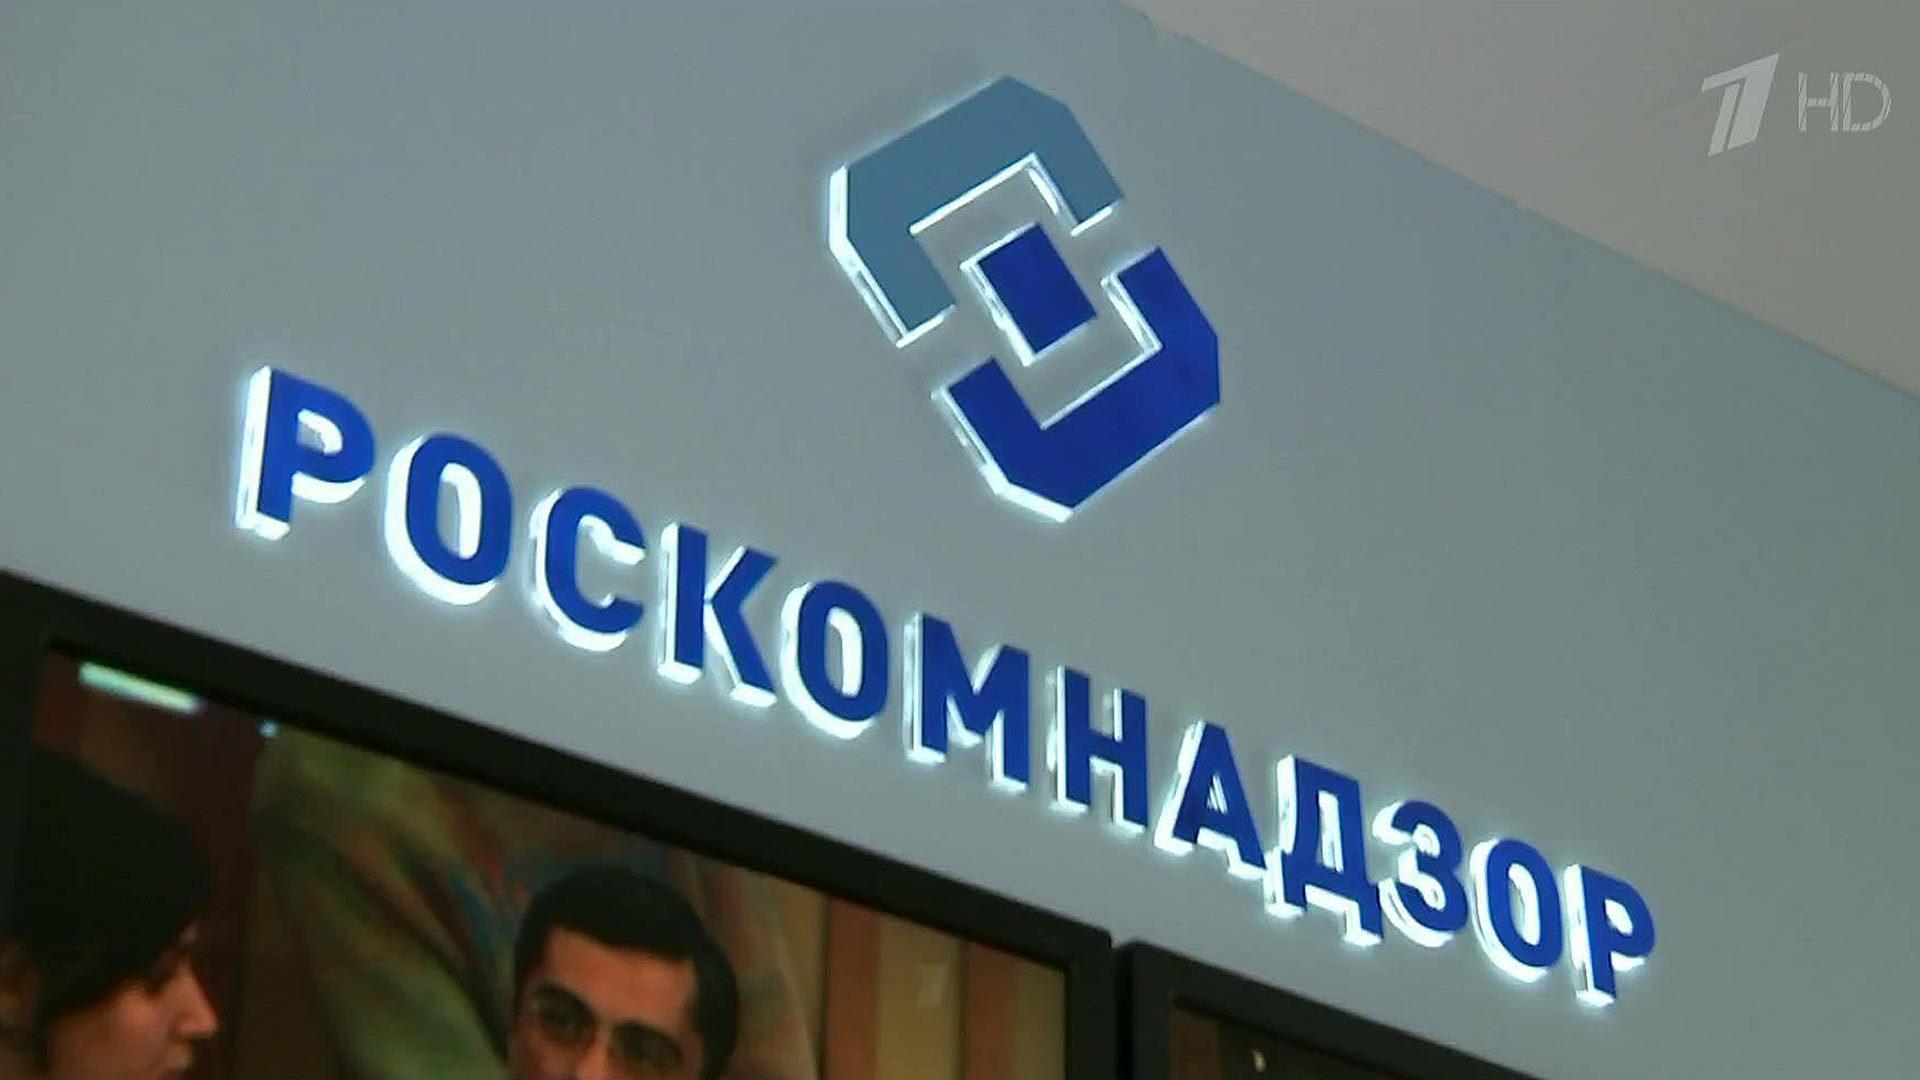 В Ульяновске подожгли здание Роскомнадзора